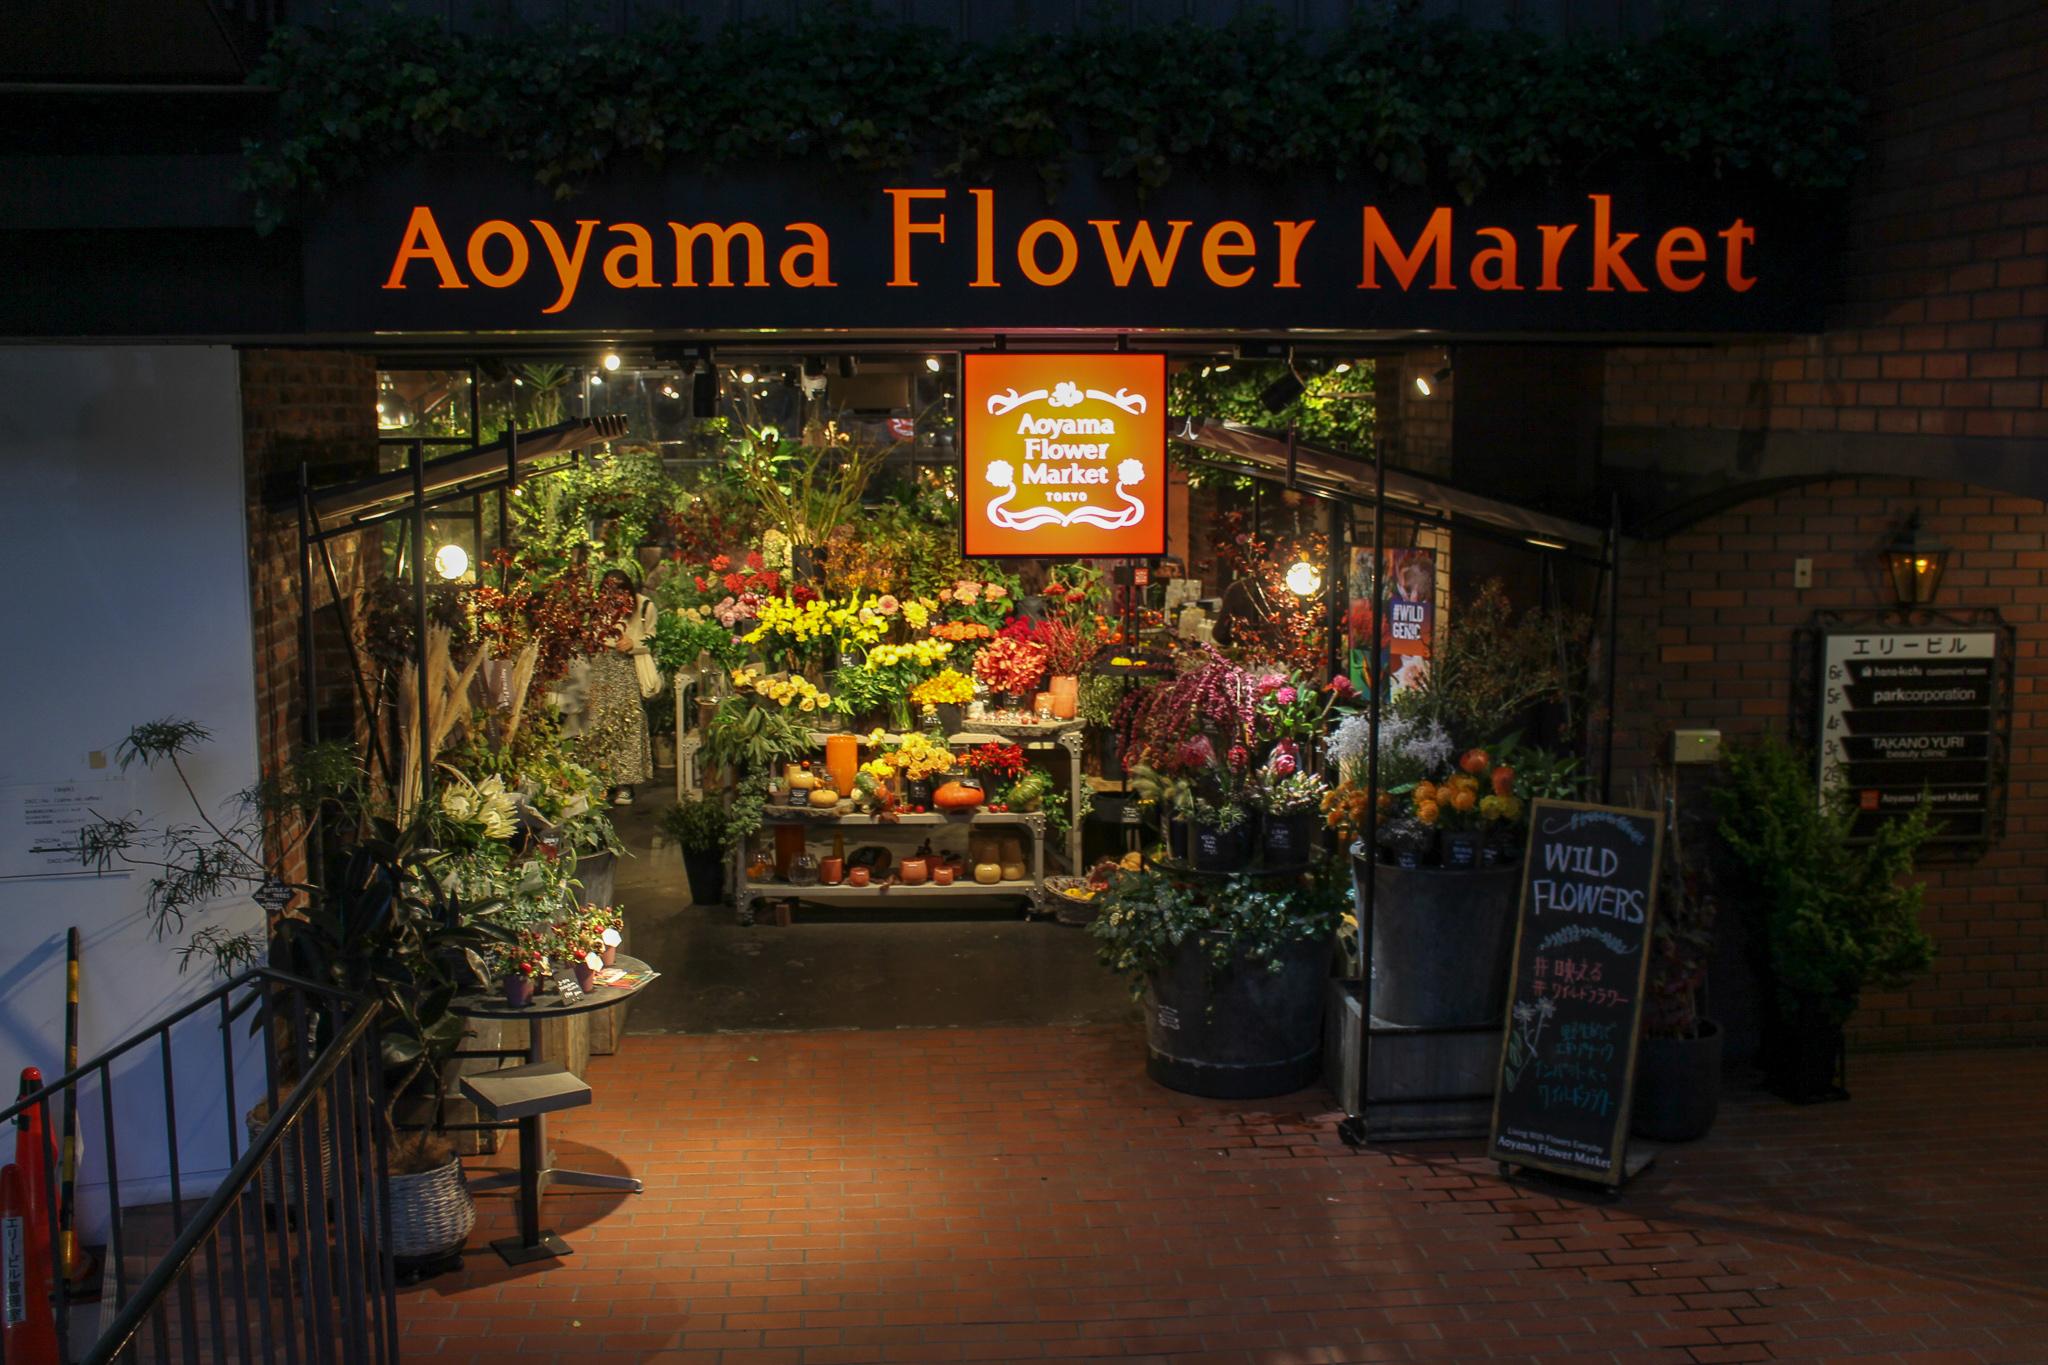 aoyama_flower_market_entrada